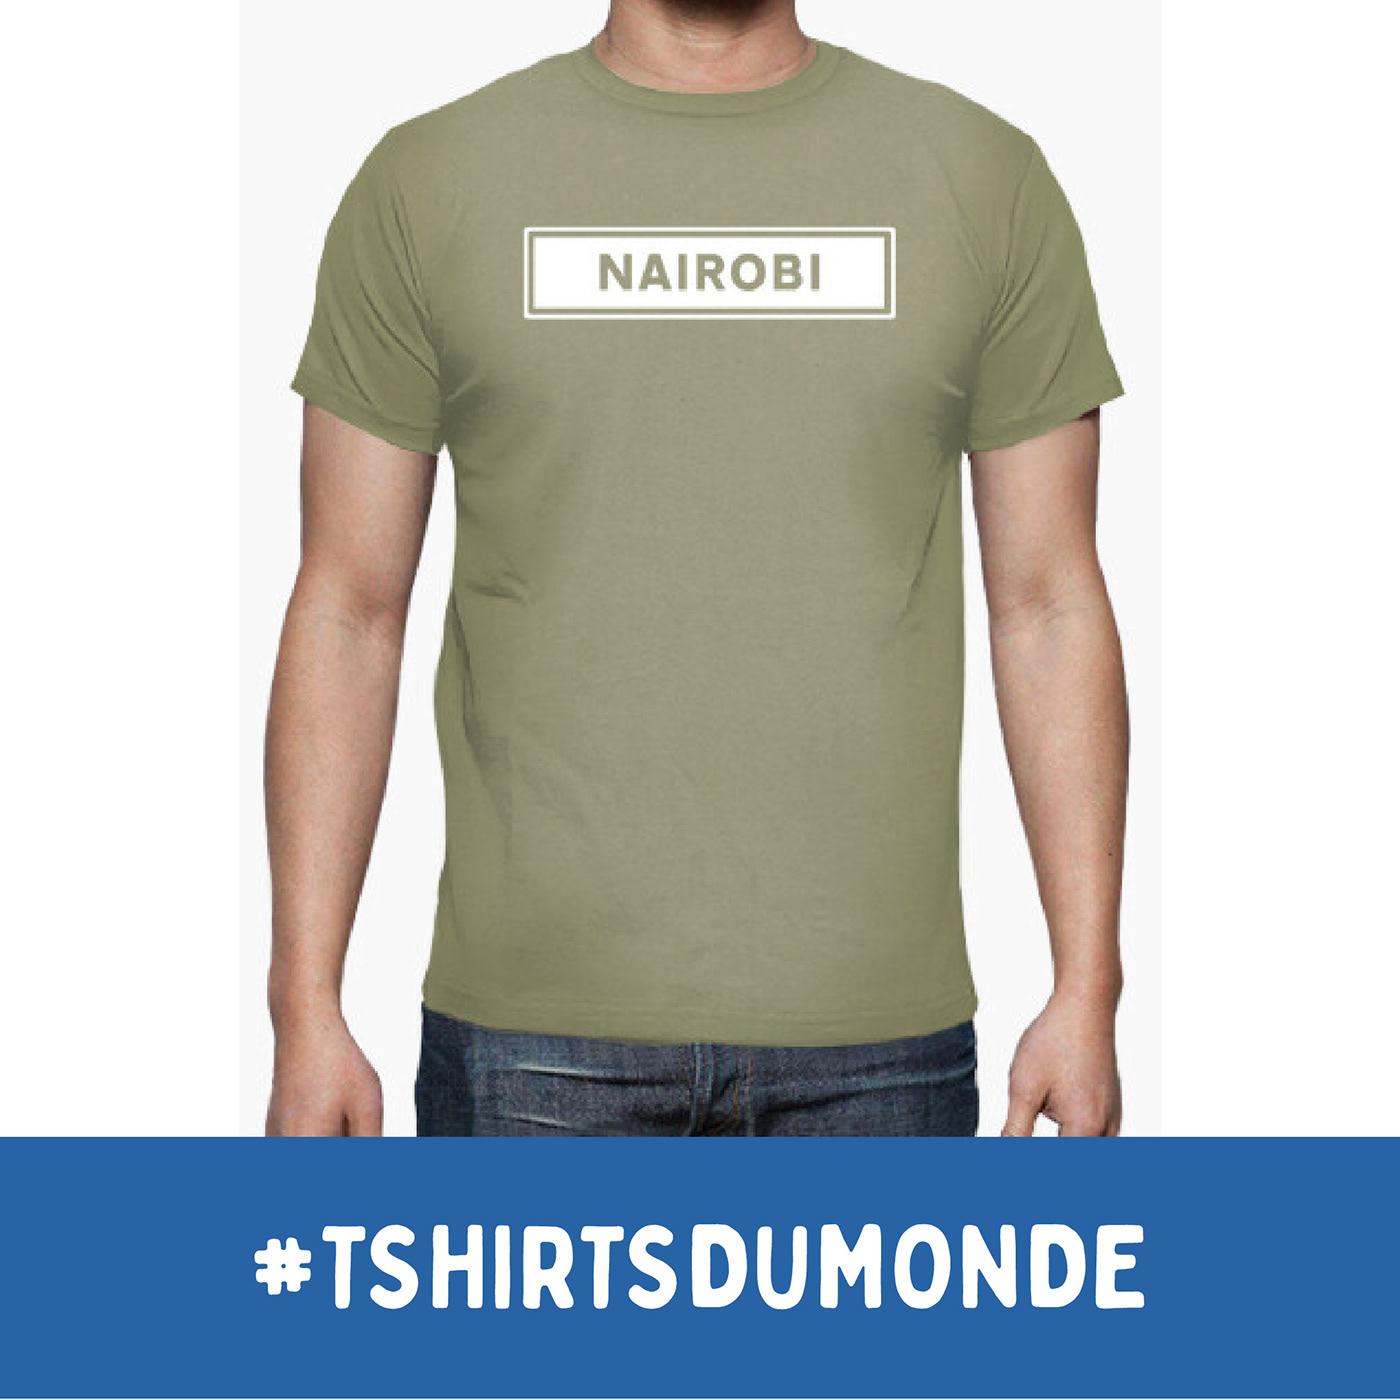 NAIROBI / T-SHIRTS DU MONDE Collection, by Brassens Studio / ©Tomás Sastre